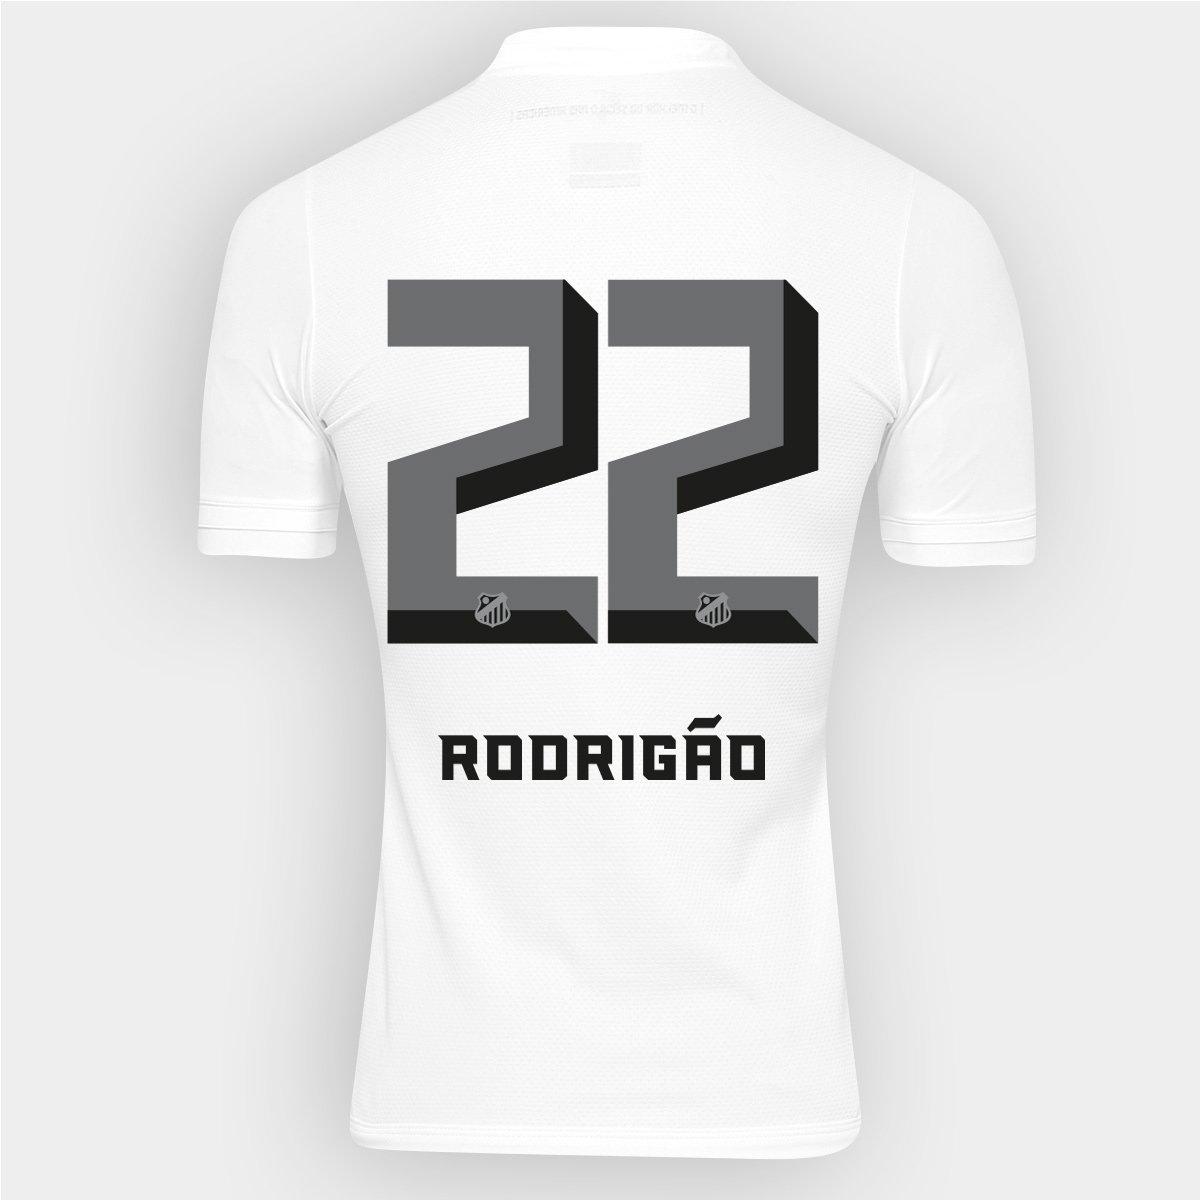 5d037c0fd3 Camisa Kappa Santos I 2016 nº 22 - Rodrigão - Compre Agora